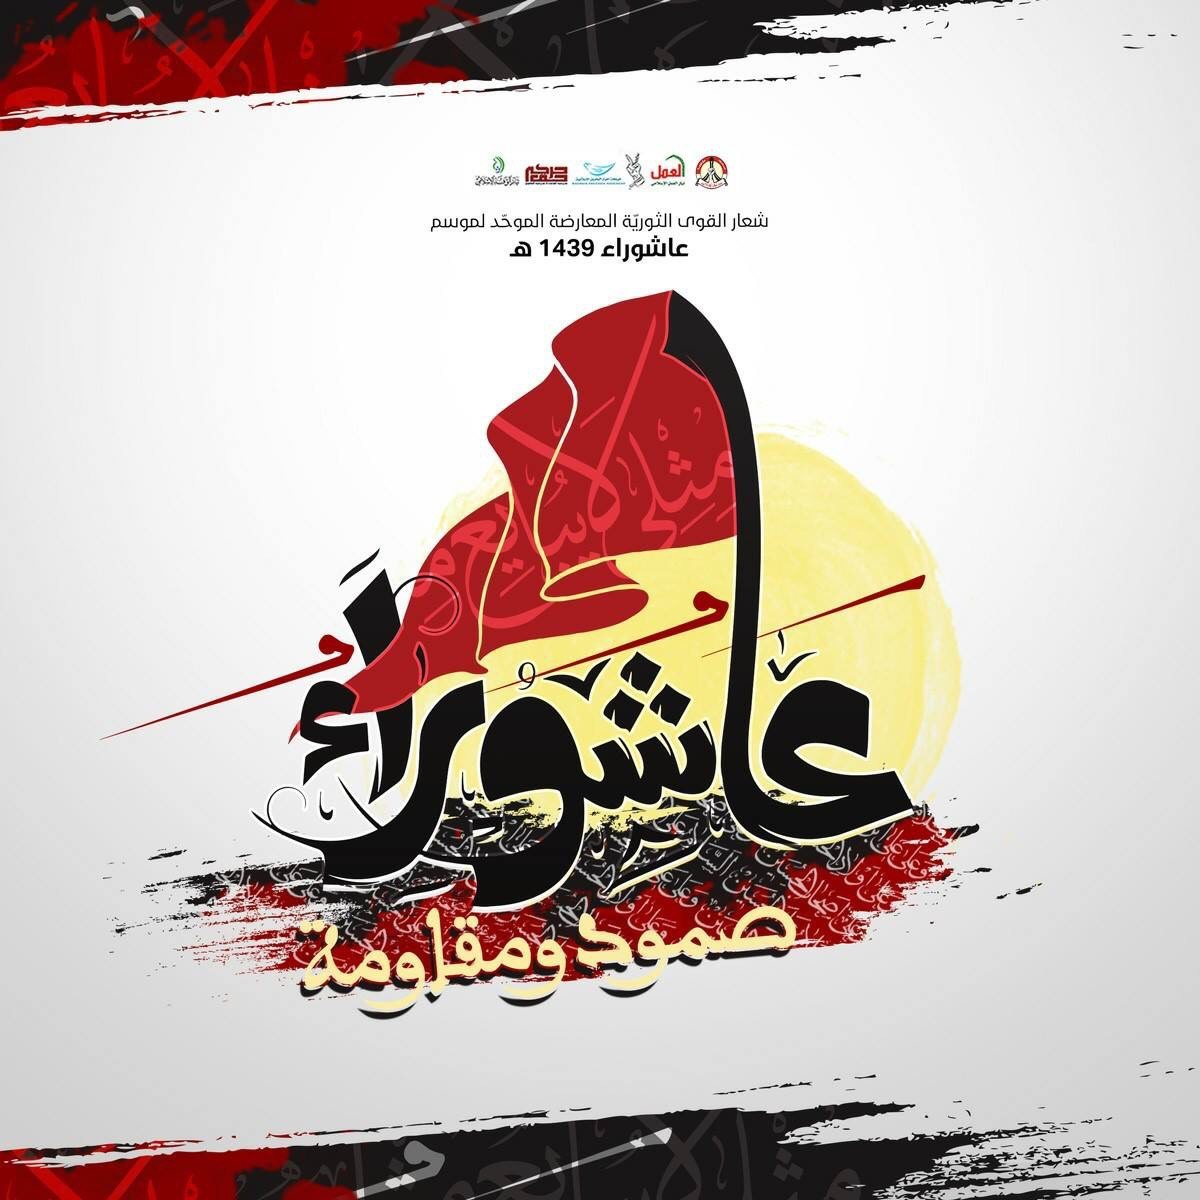 القوى الثوريّة المعارضة تدشّن شعارها الموحّد لموسم عاشوراء الحسين (ع) 1439هـ